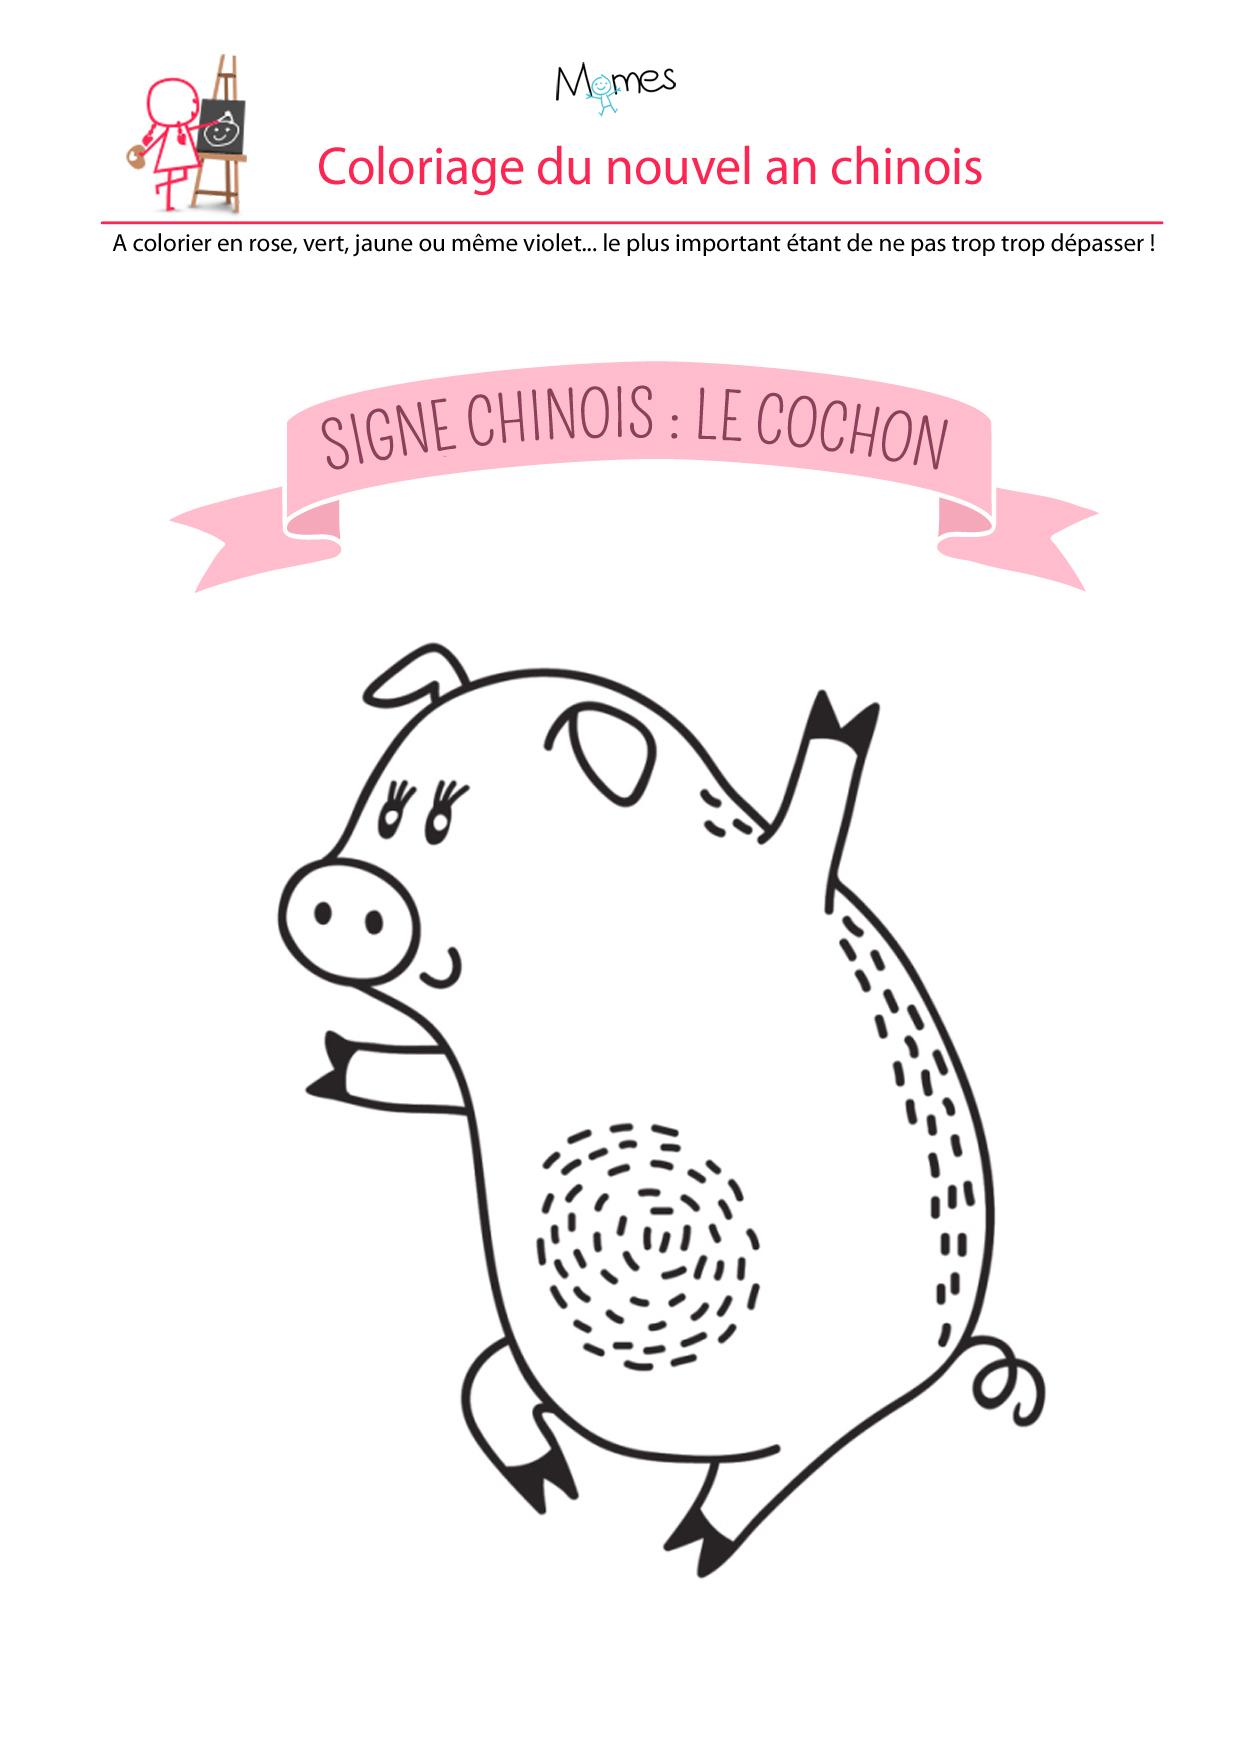 Coloriage Du Calendrier Chinois : Le Cochon - Momes à Dessin À Colorier Cochon